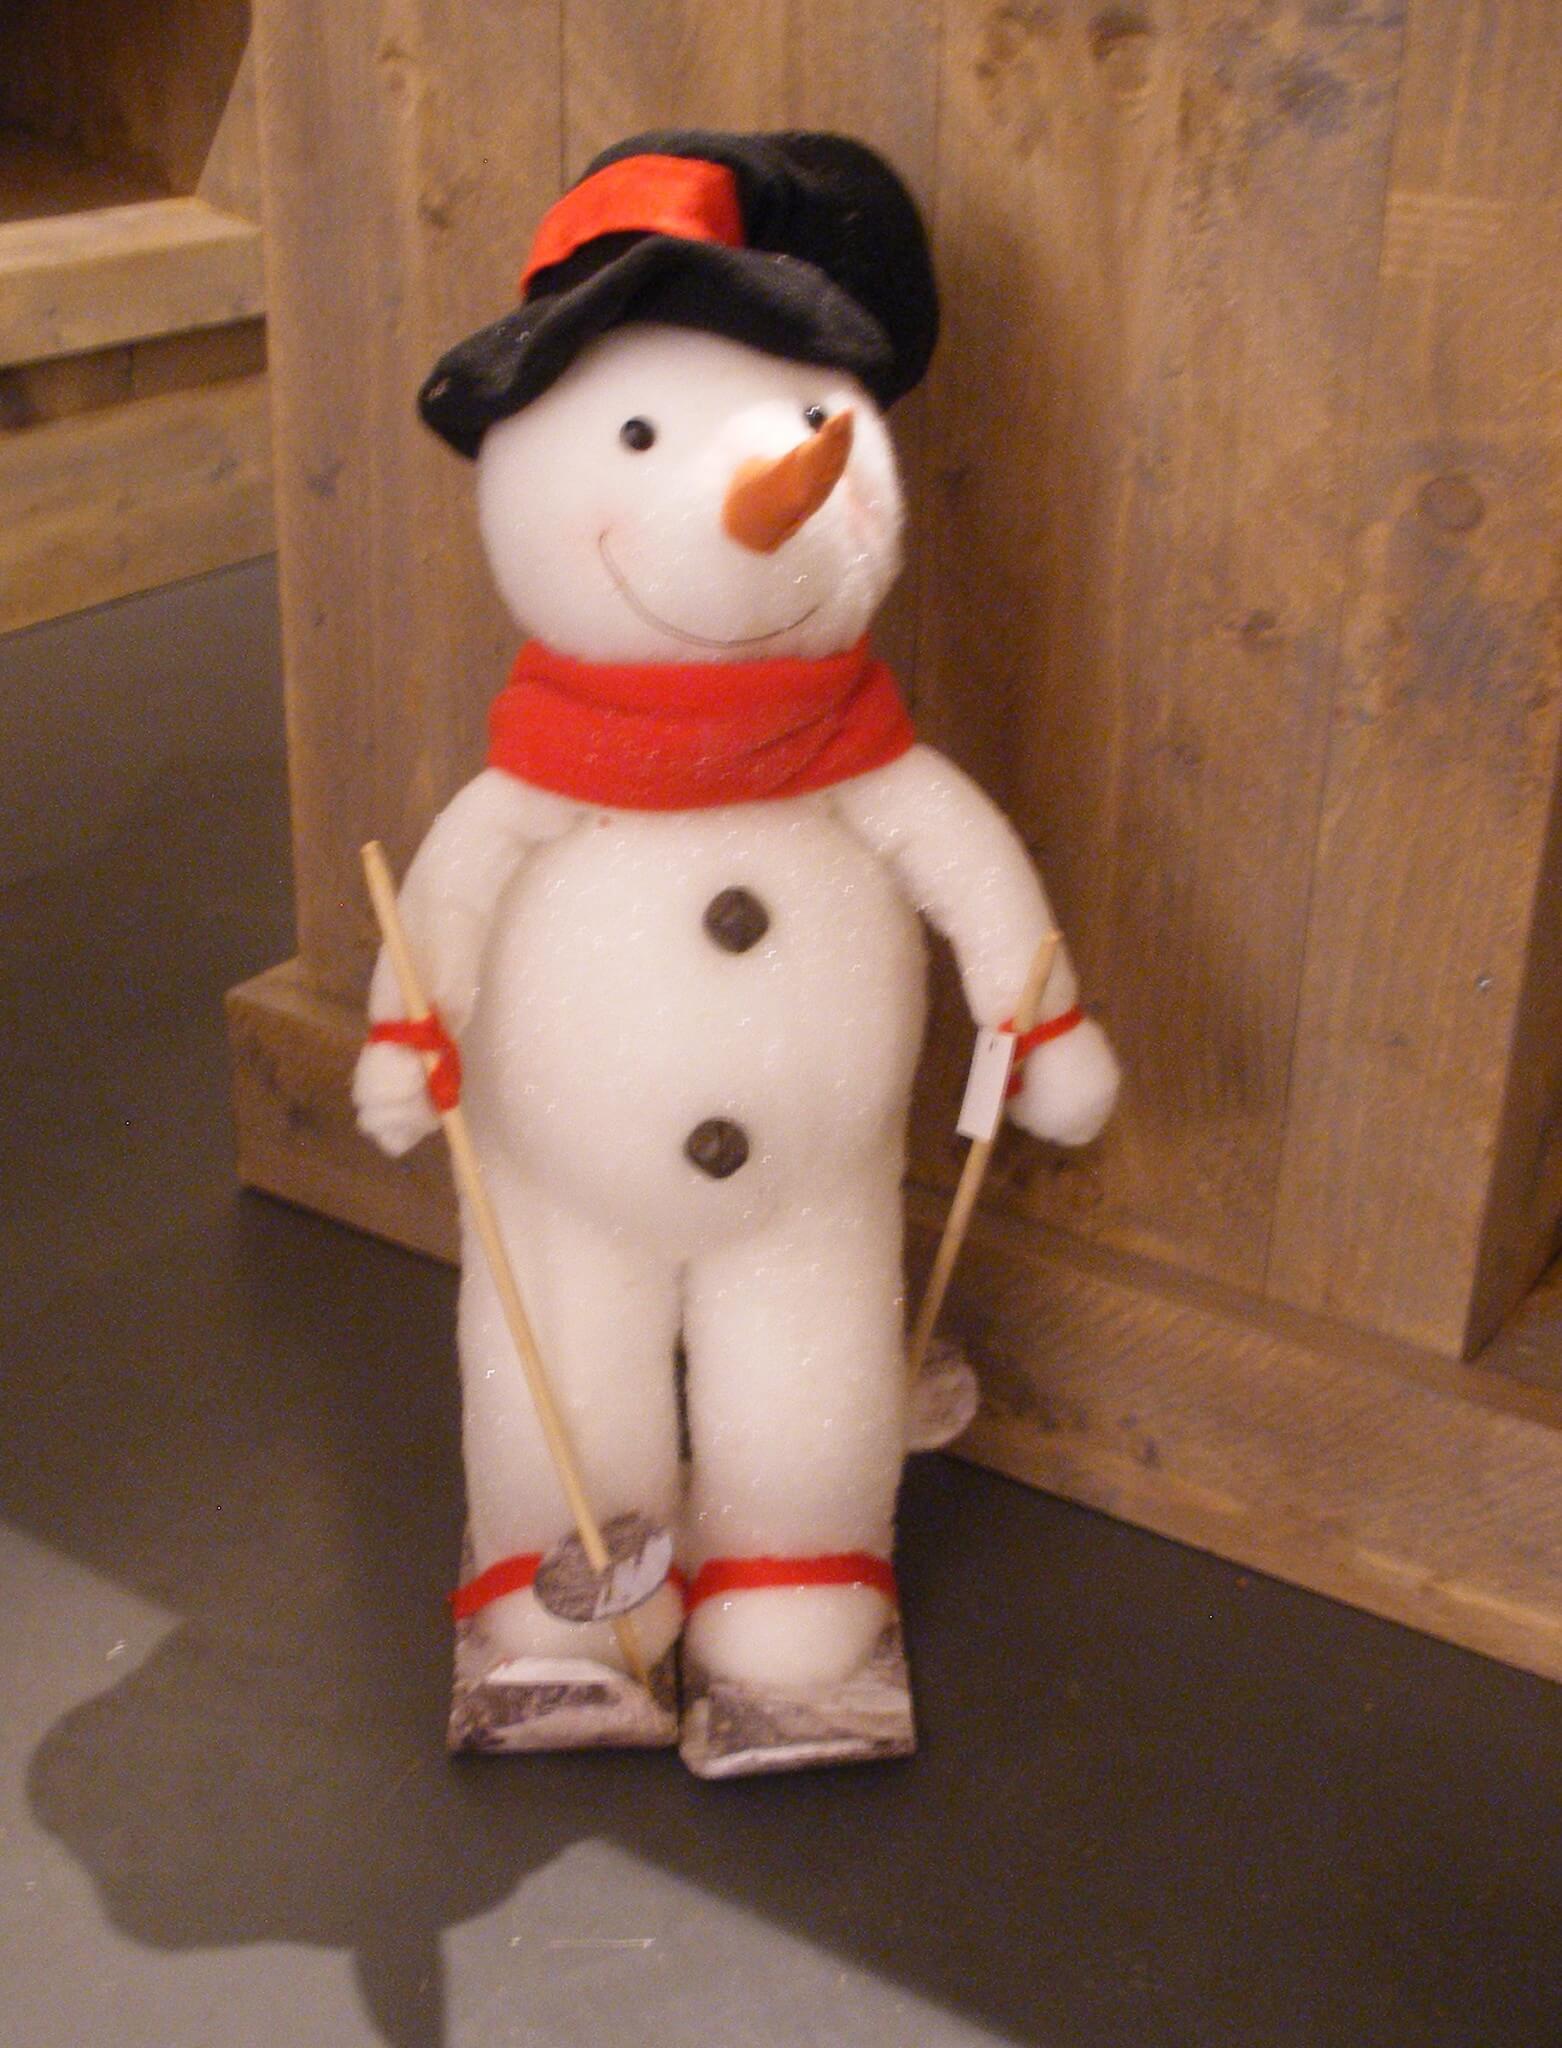 Fruitbedrijf Van den Berge: winkeltje 'De Fruithoek' sneeuwpop kerst